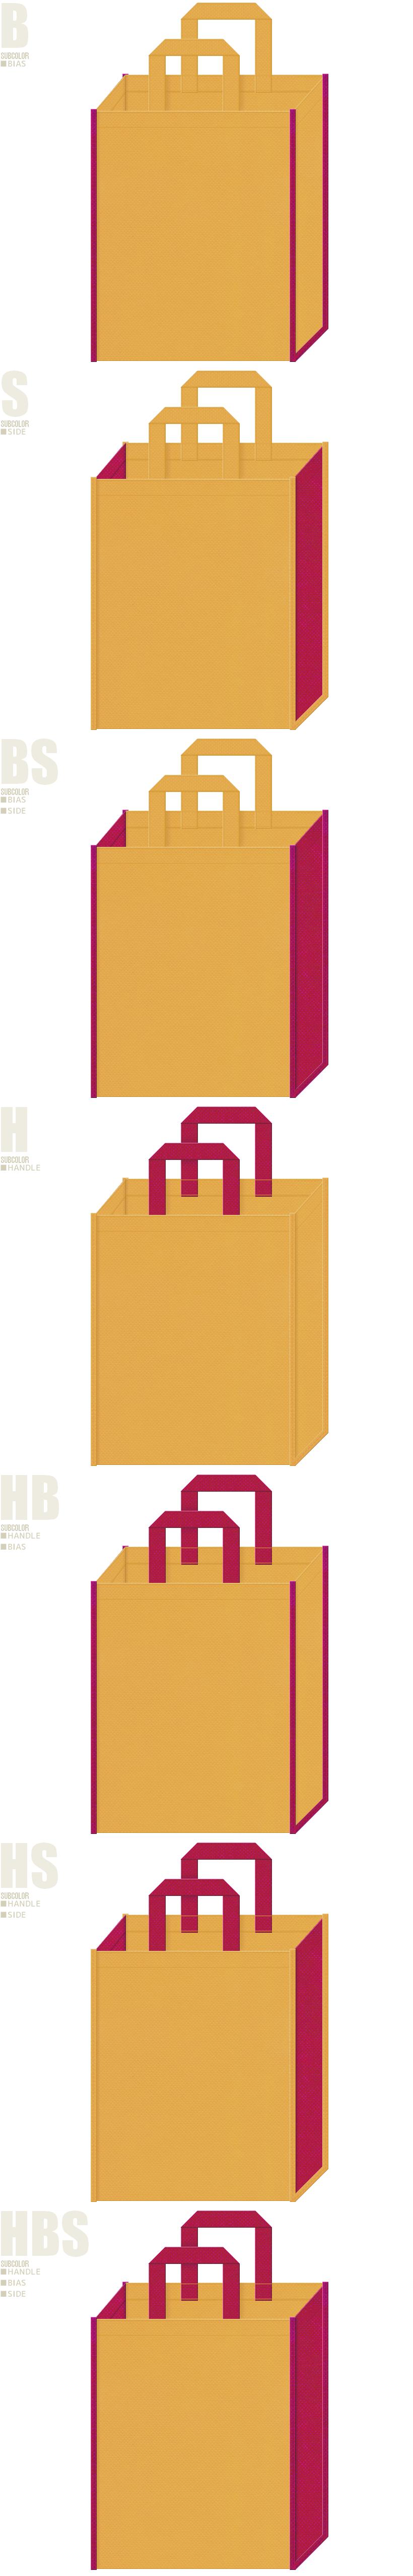 黄土色と濃いピンク色、7パターンの不織布トートバッグ配色デザイン例。南国、トロピカルカクテルイメージの不織布バッグにお奨めの配色です。